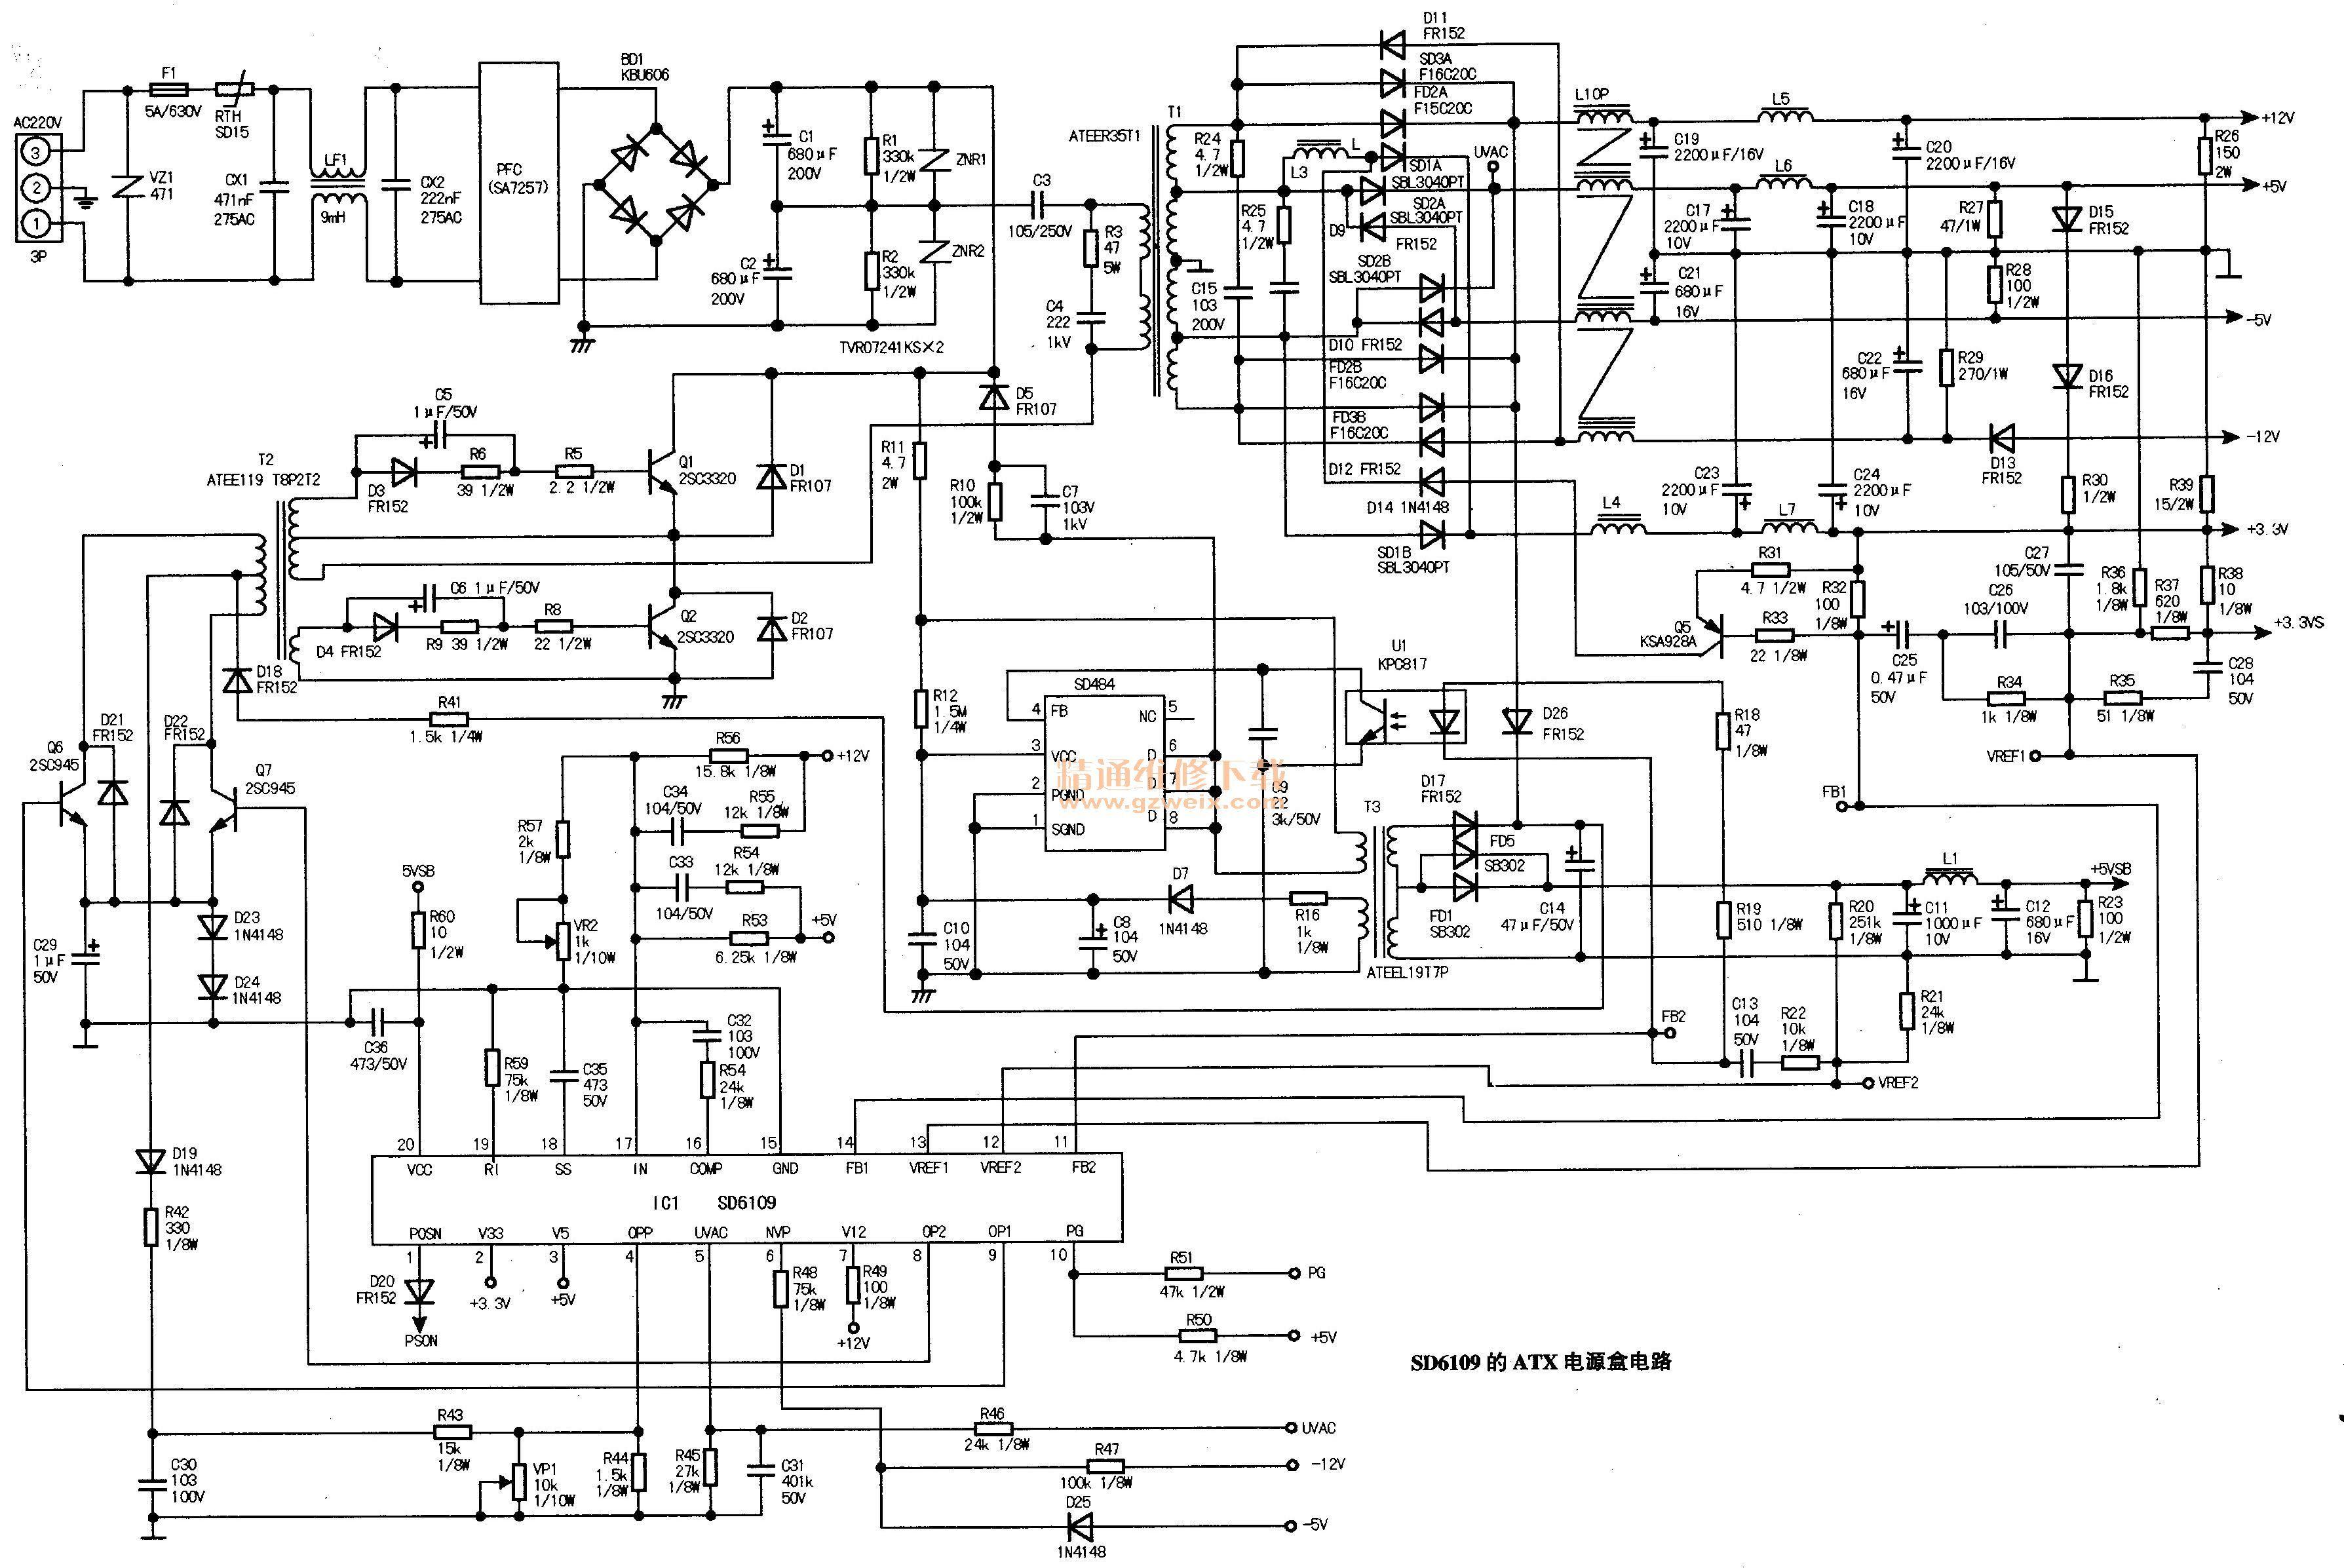 Resultado de imagem para esquema fonte atx com sd6109 (com